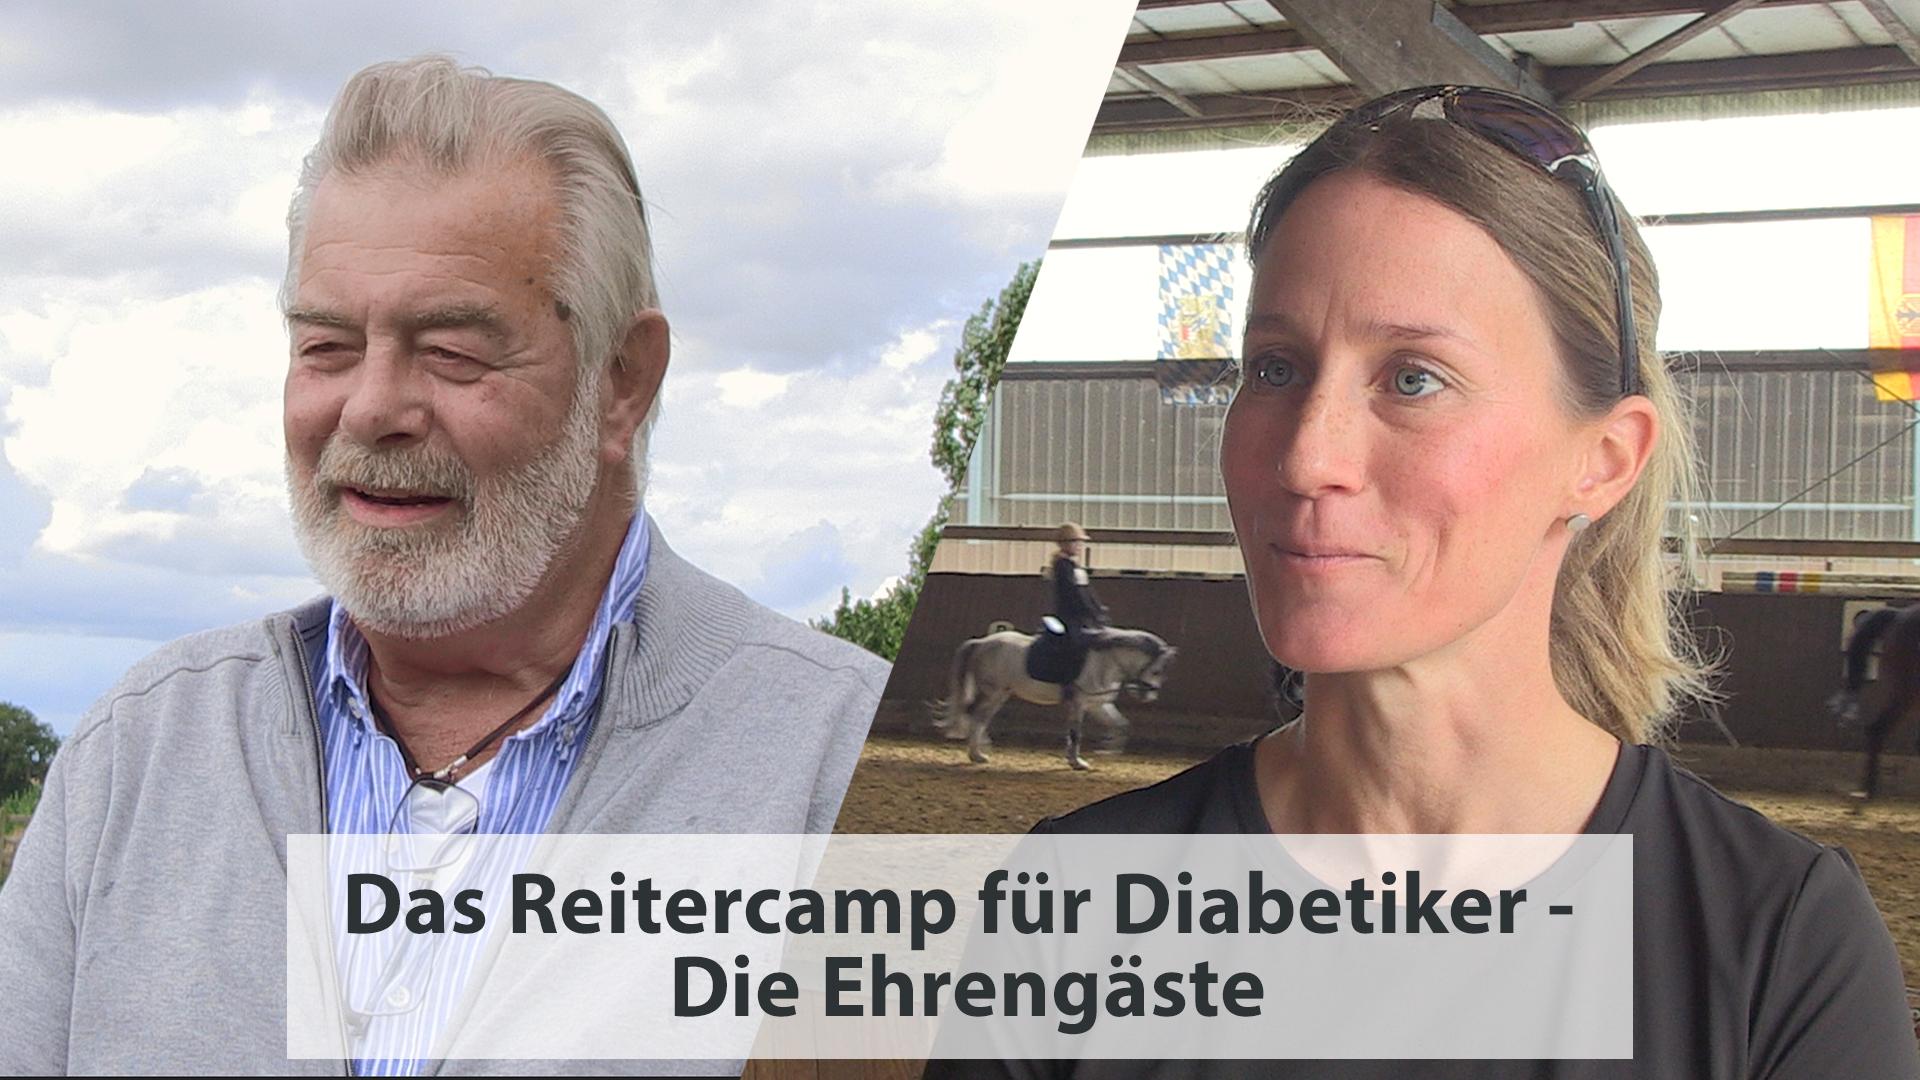 Das Reitercamp für Diabetiker – Die Ehrengäste